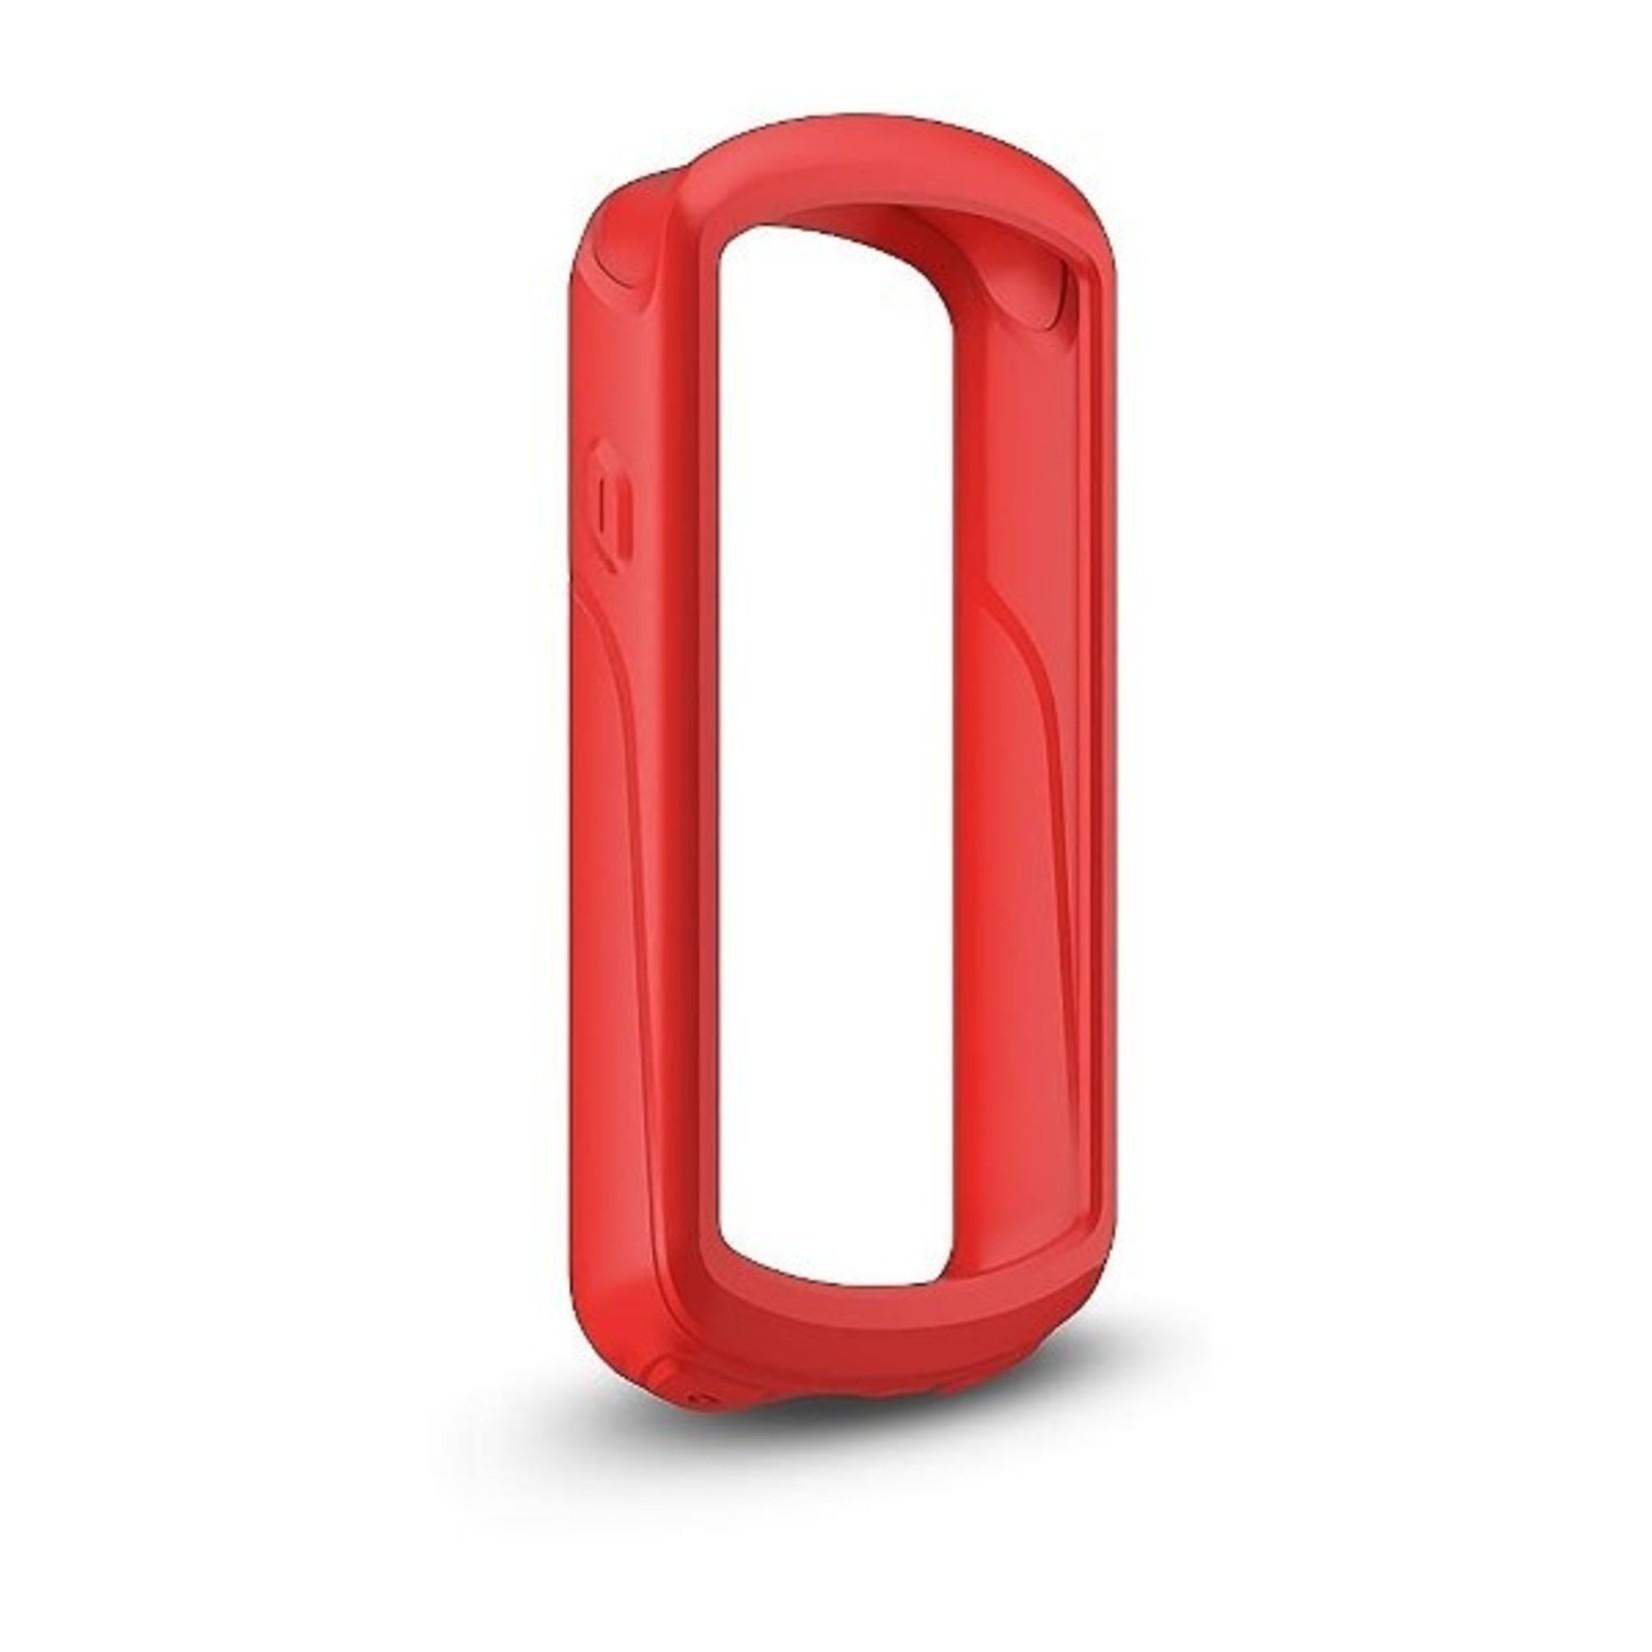 Garmin Edge 1030 Silicone Case